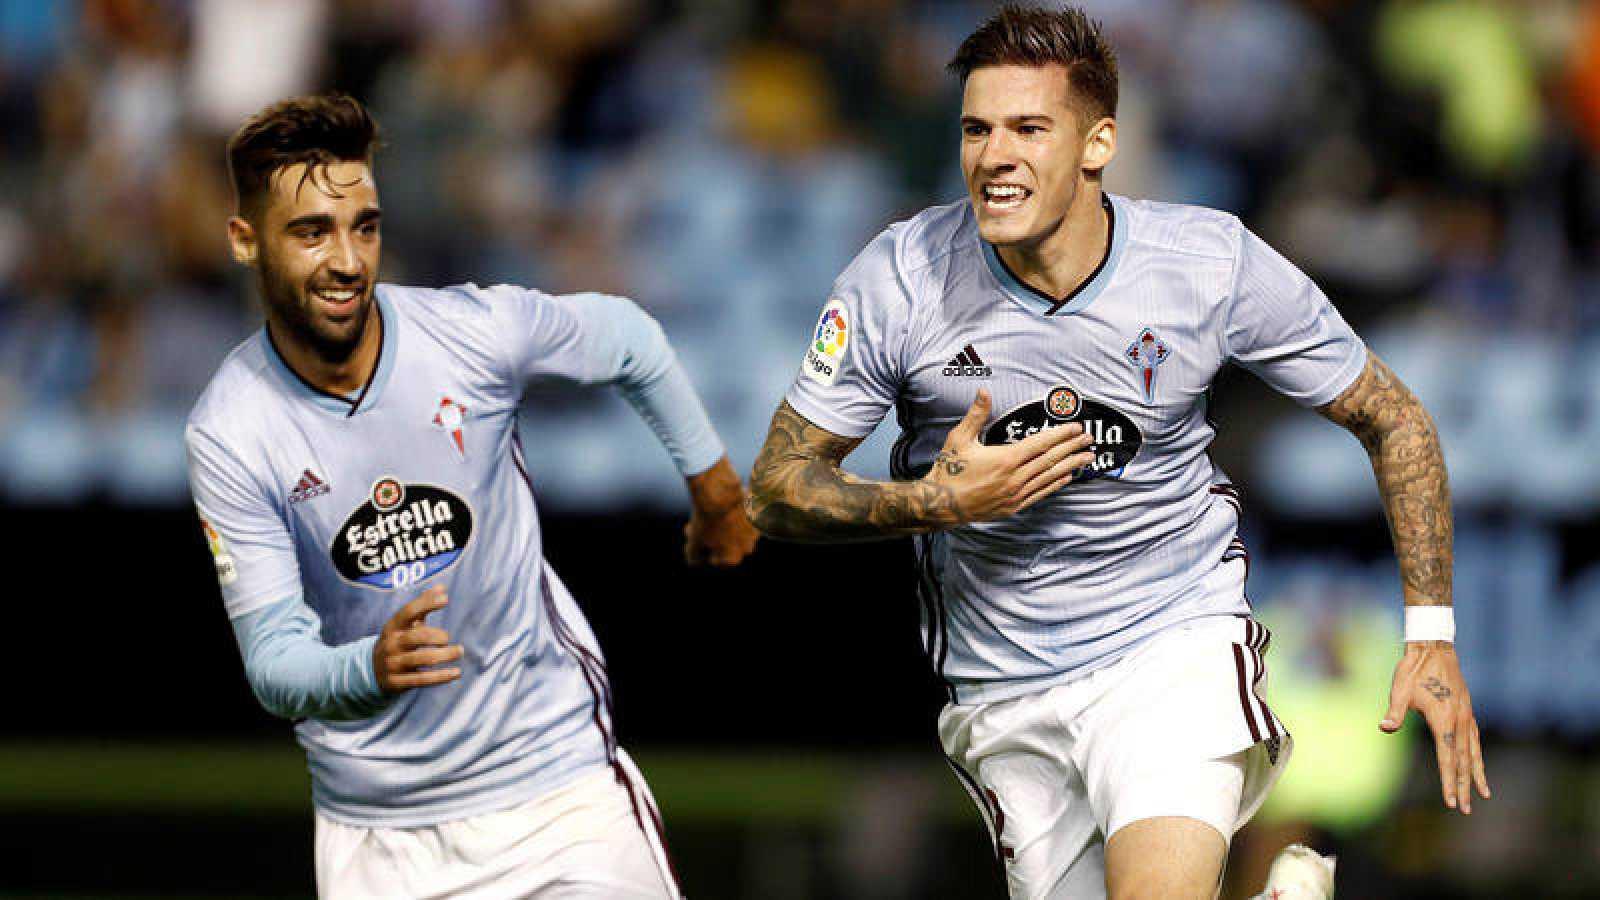 El delantero del Celta Santi Mina celebra el gol de su equipo ante el Espanyol.